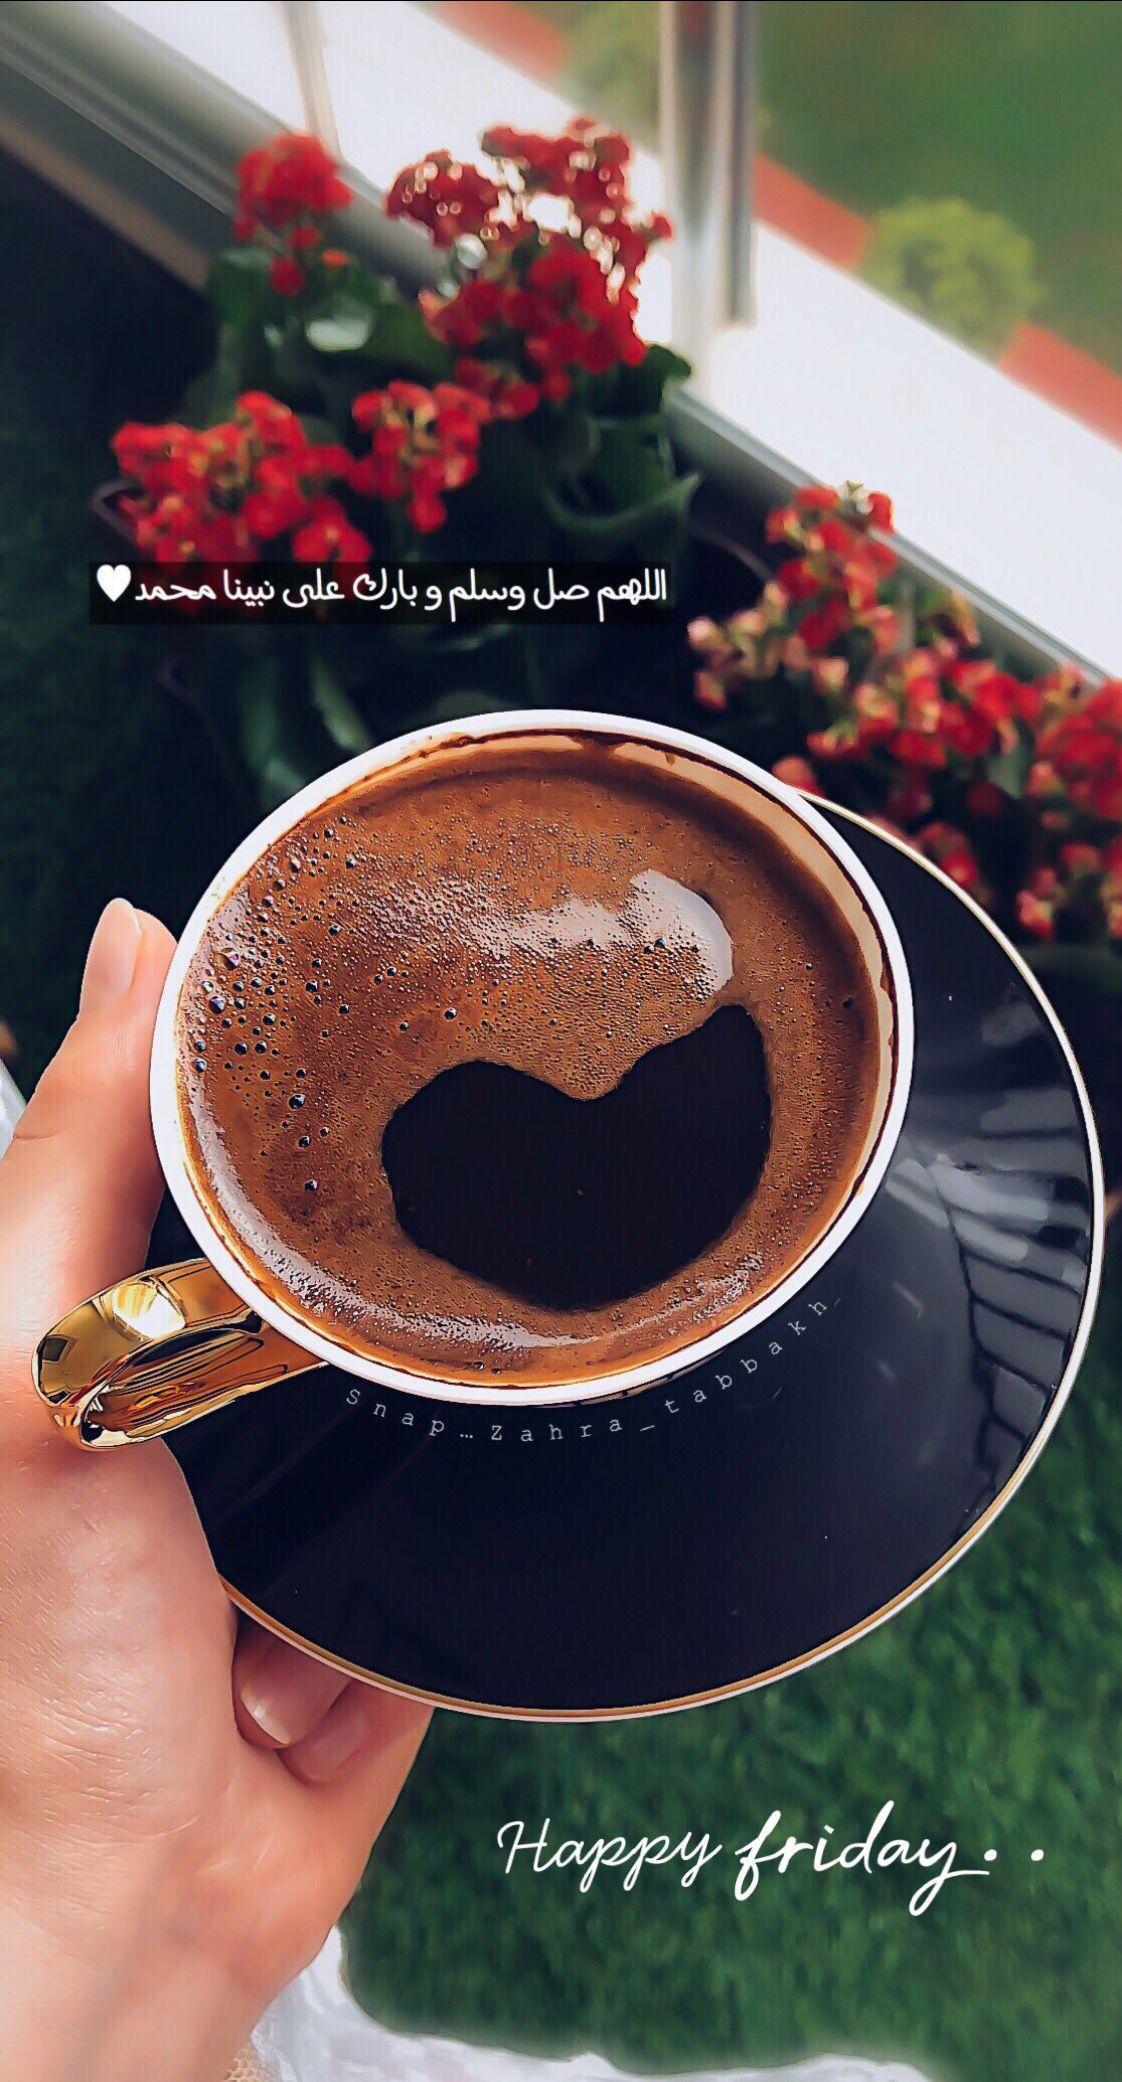 Pin By Rody On الحب في قانون العرب قهوة Coffee Love My Coffee Happy Birthday 19